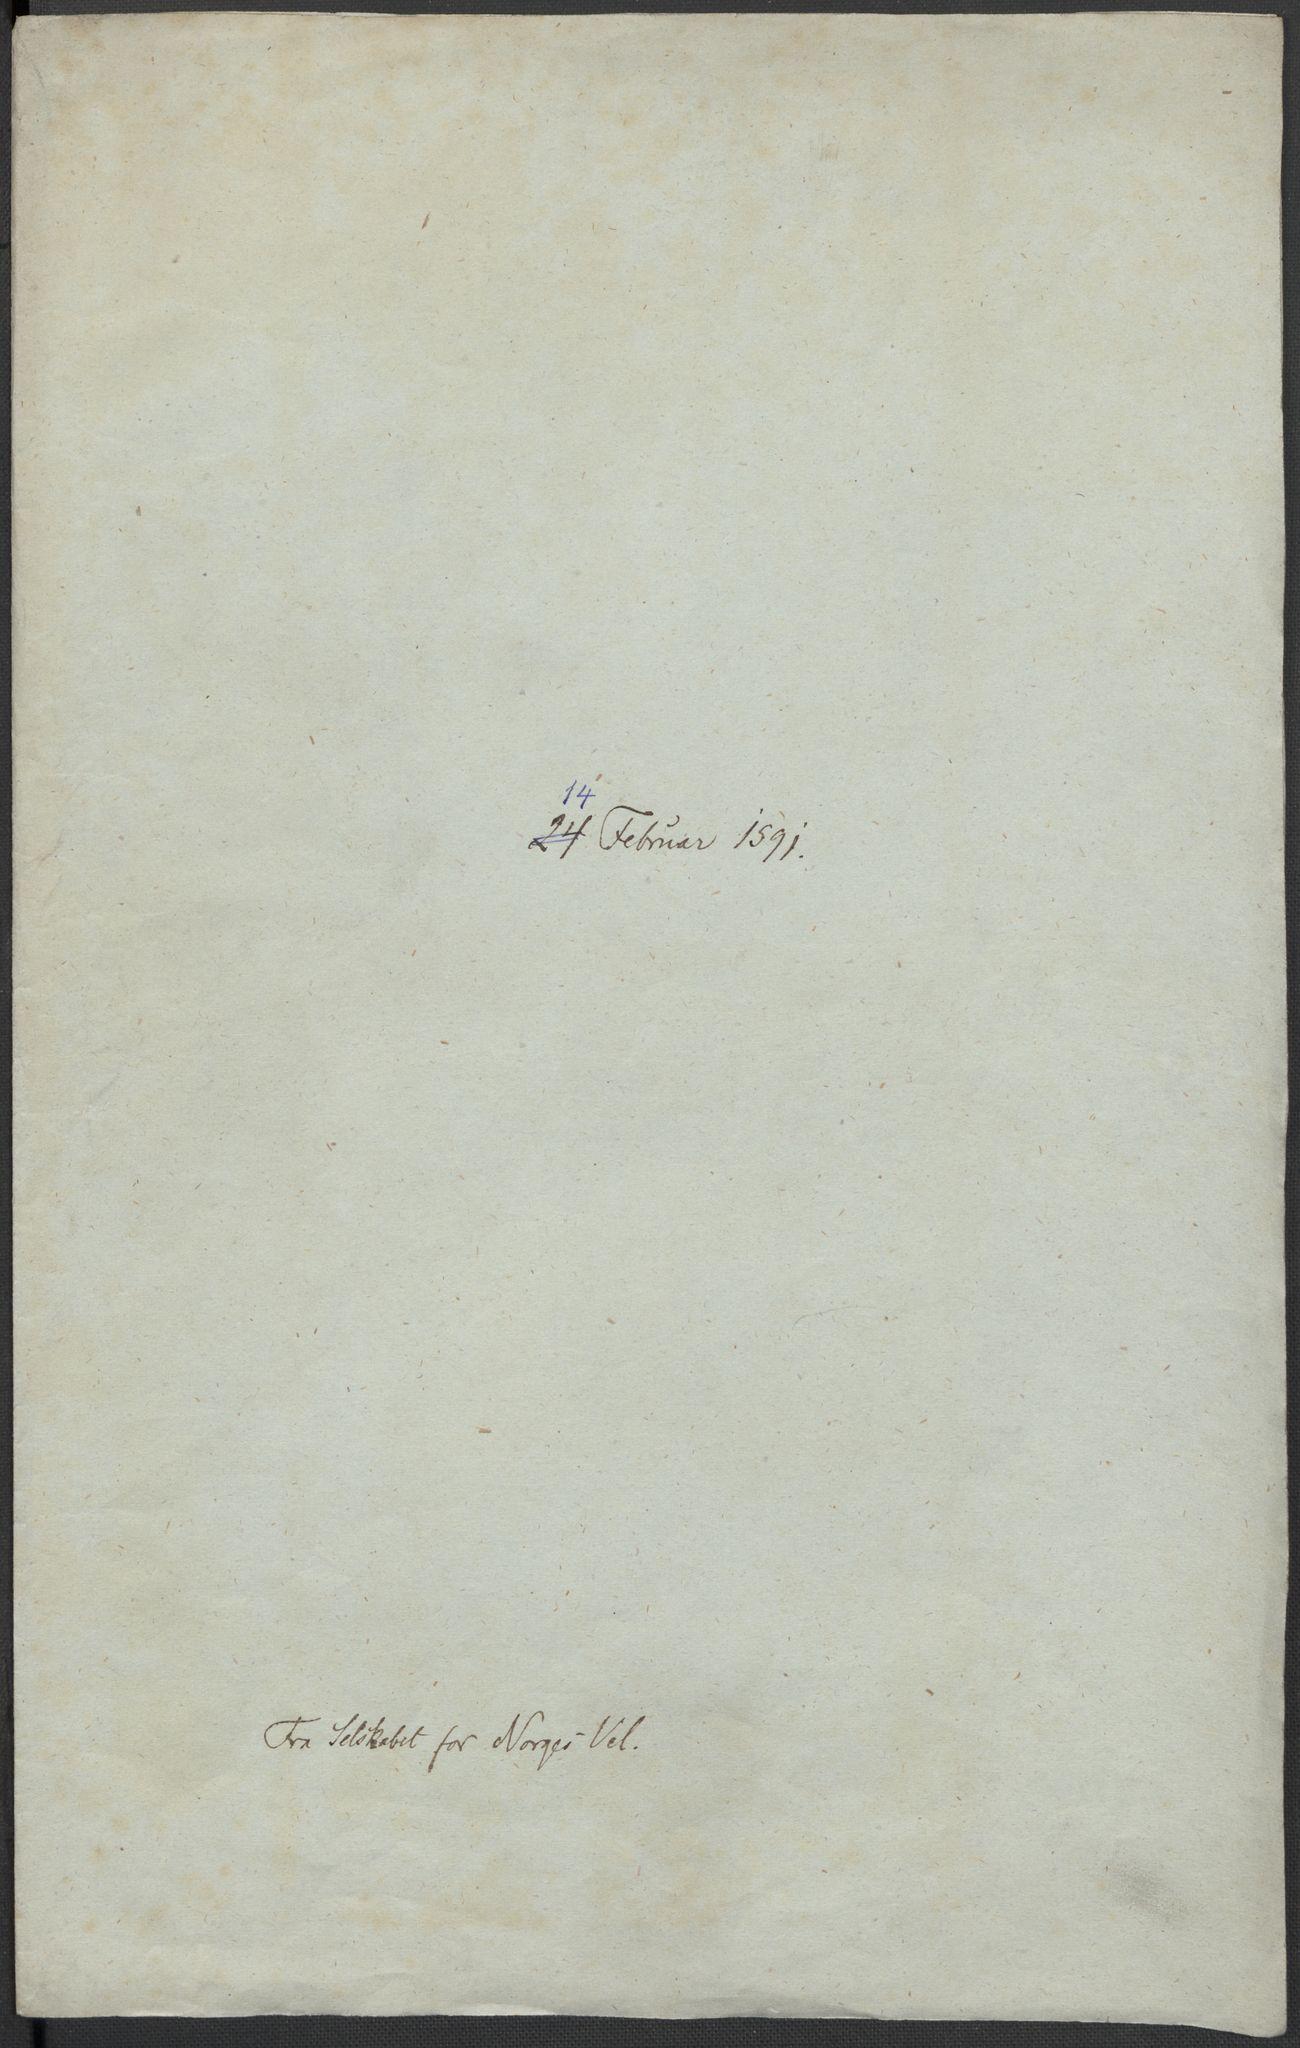 RA, Riksarkivets diplomsamling, F02/L0093: Dokumenter, 1591, s. 25